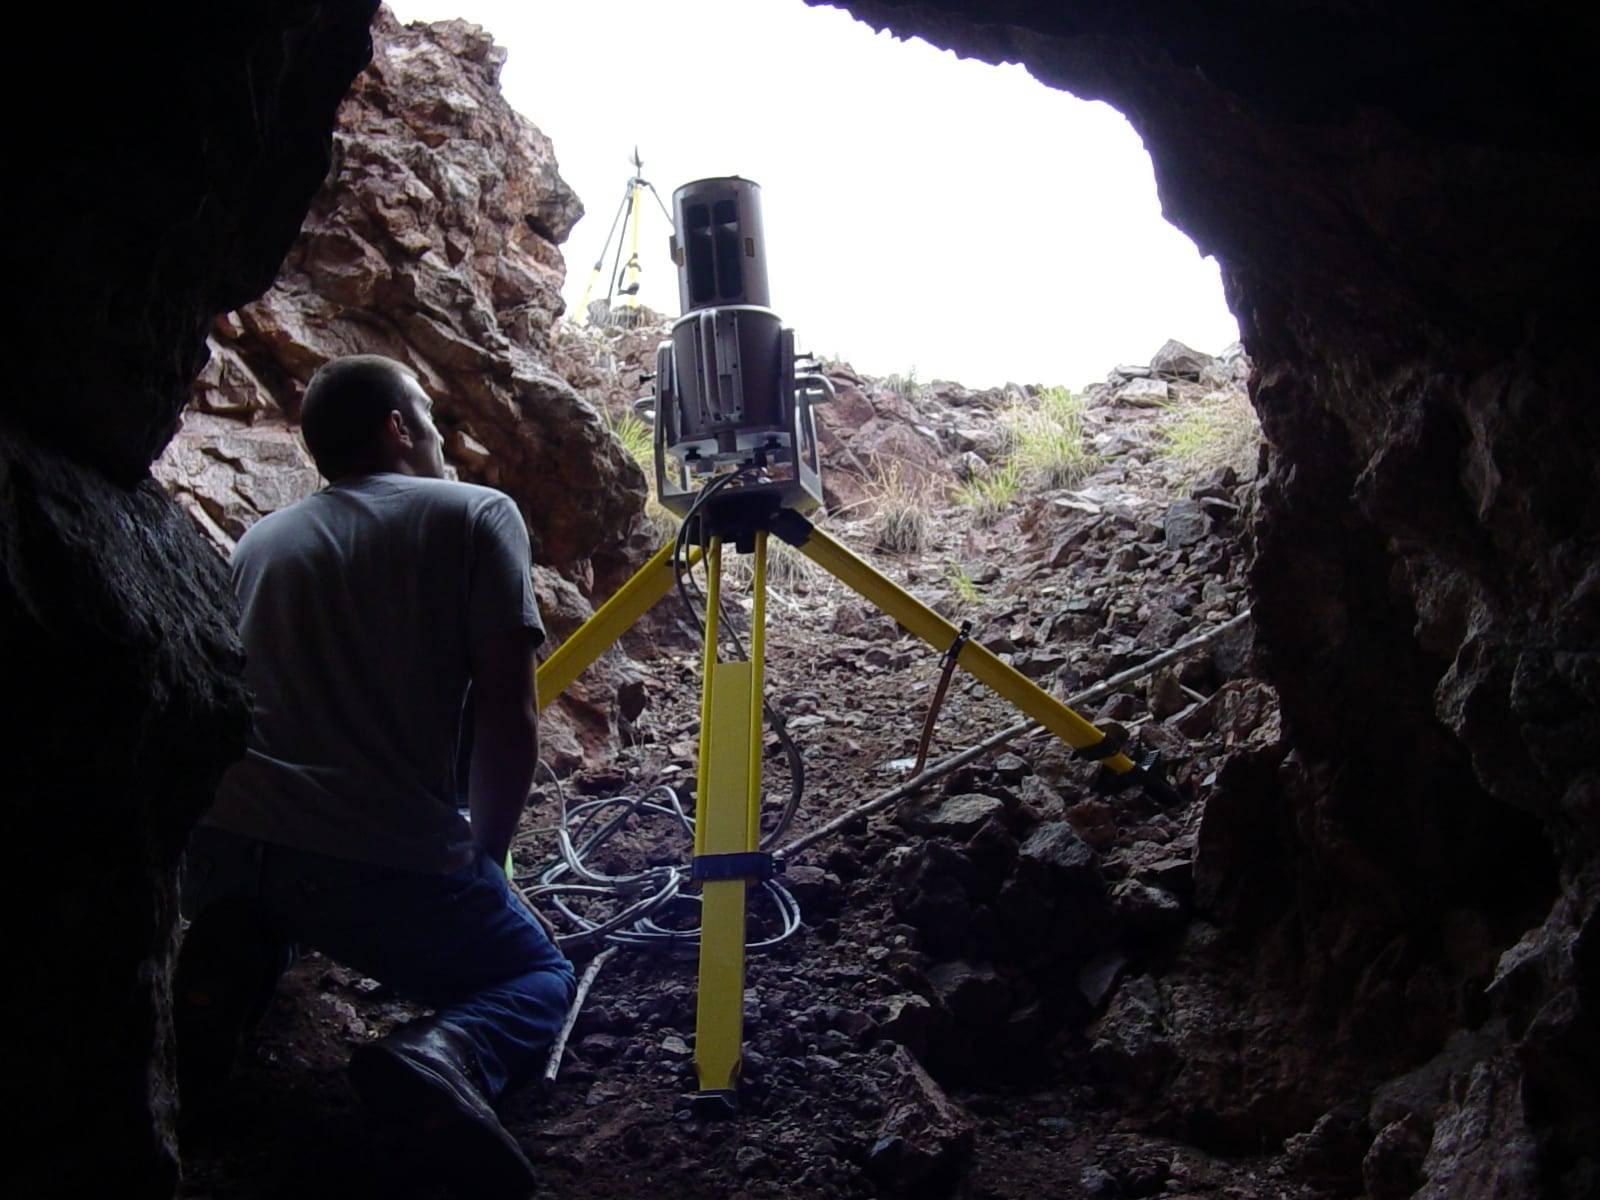 scanner inside cave